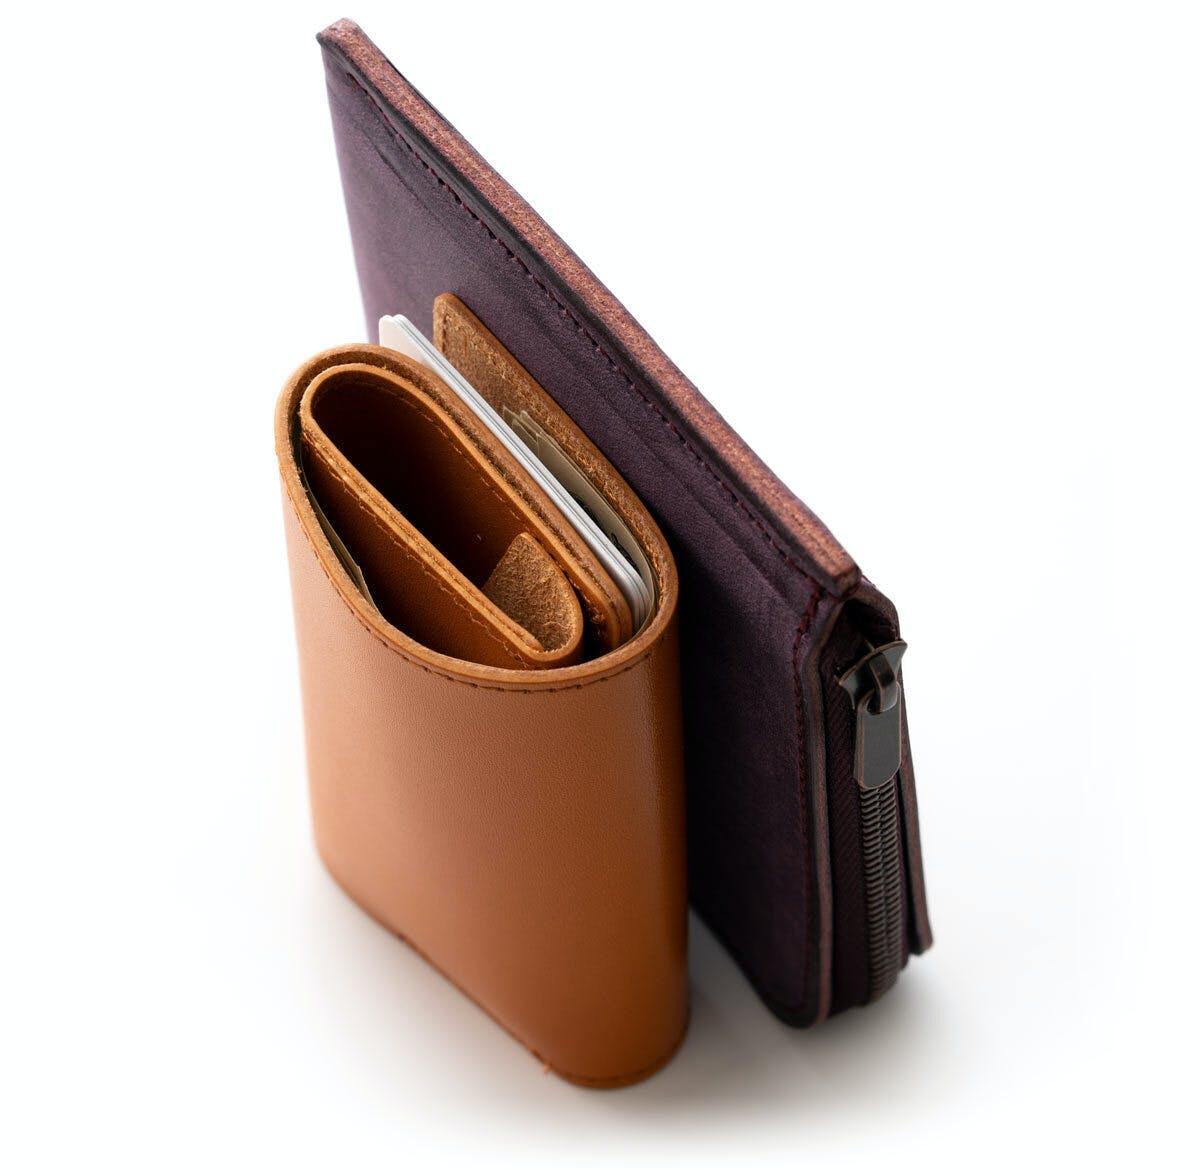 小さい財布との比較